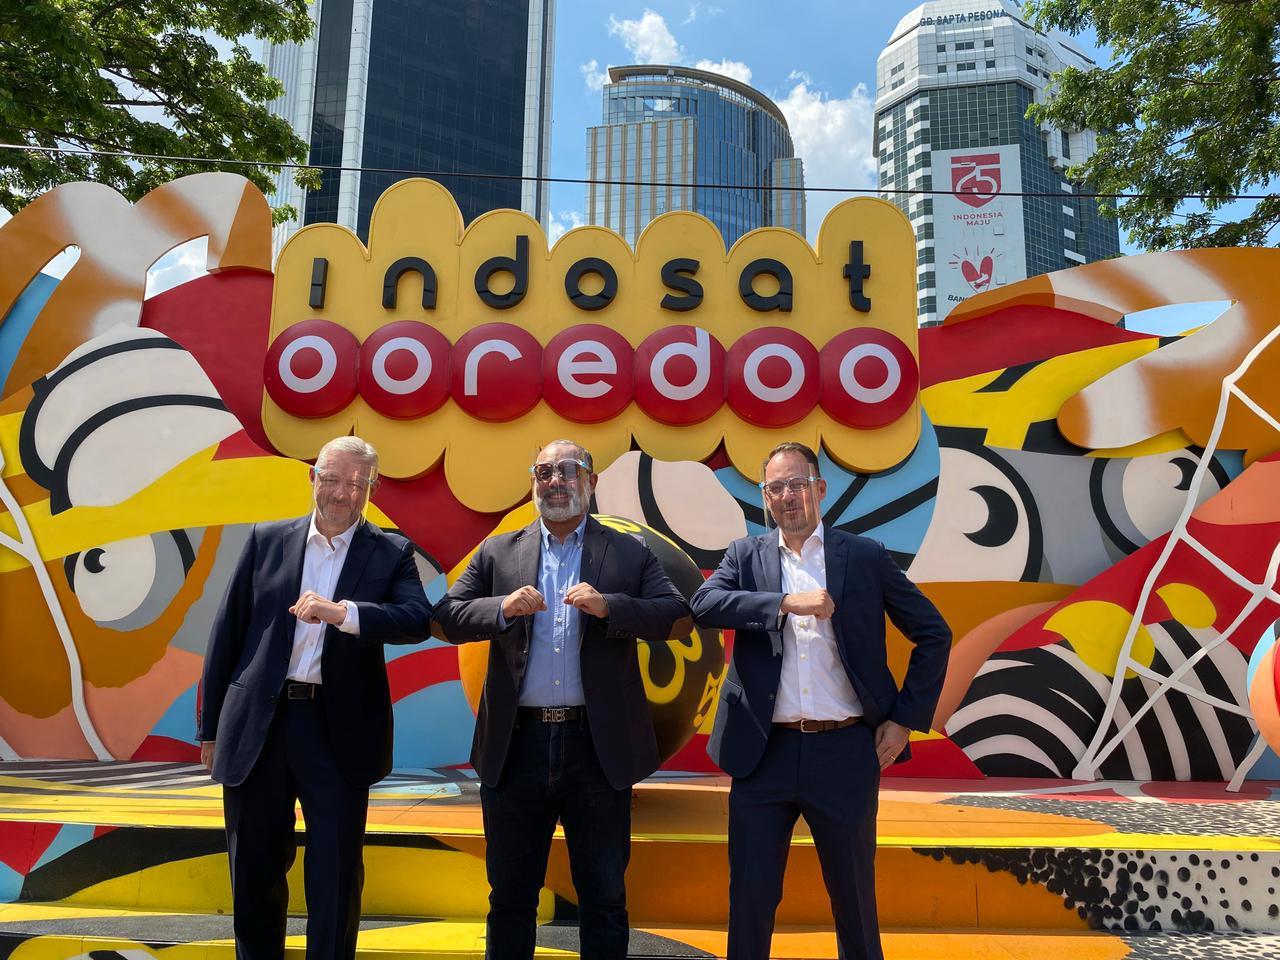 Fokus untuk Menyiapkan Jaringan Masa Depan; Indosat Ooredoo dan Ericsson Lanjutkan Kemitraan untuk M